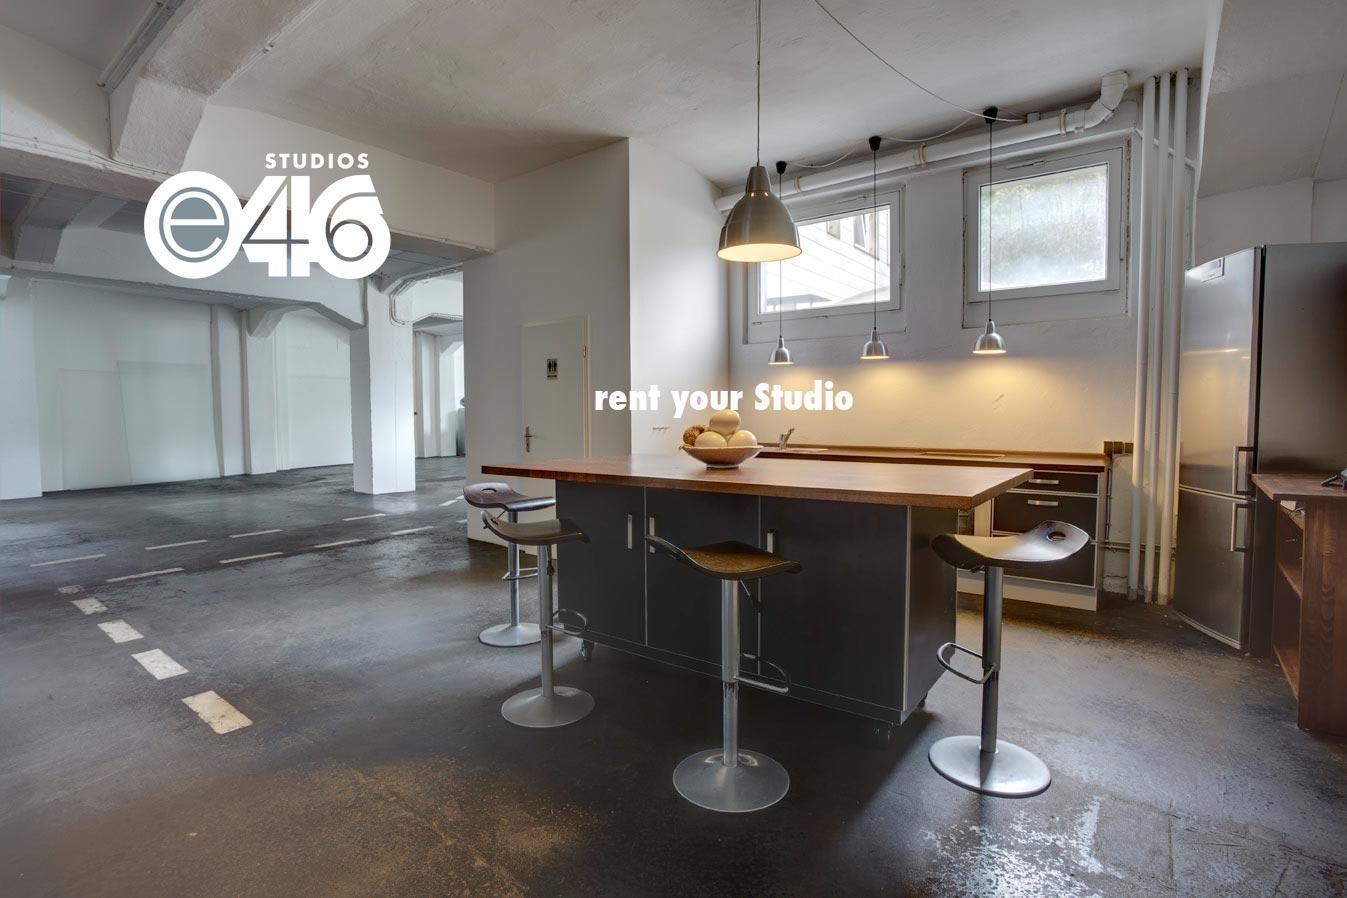 Studios / Locations | 711rent.com